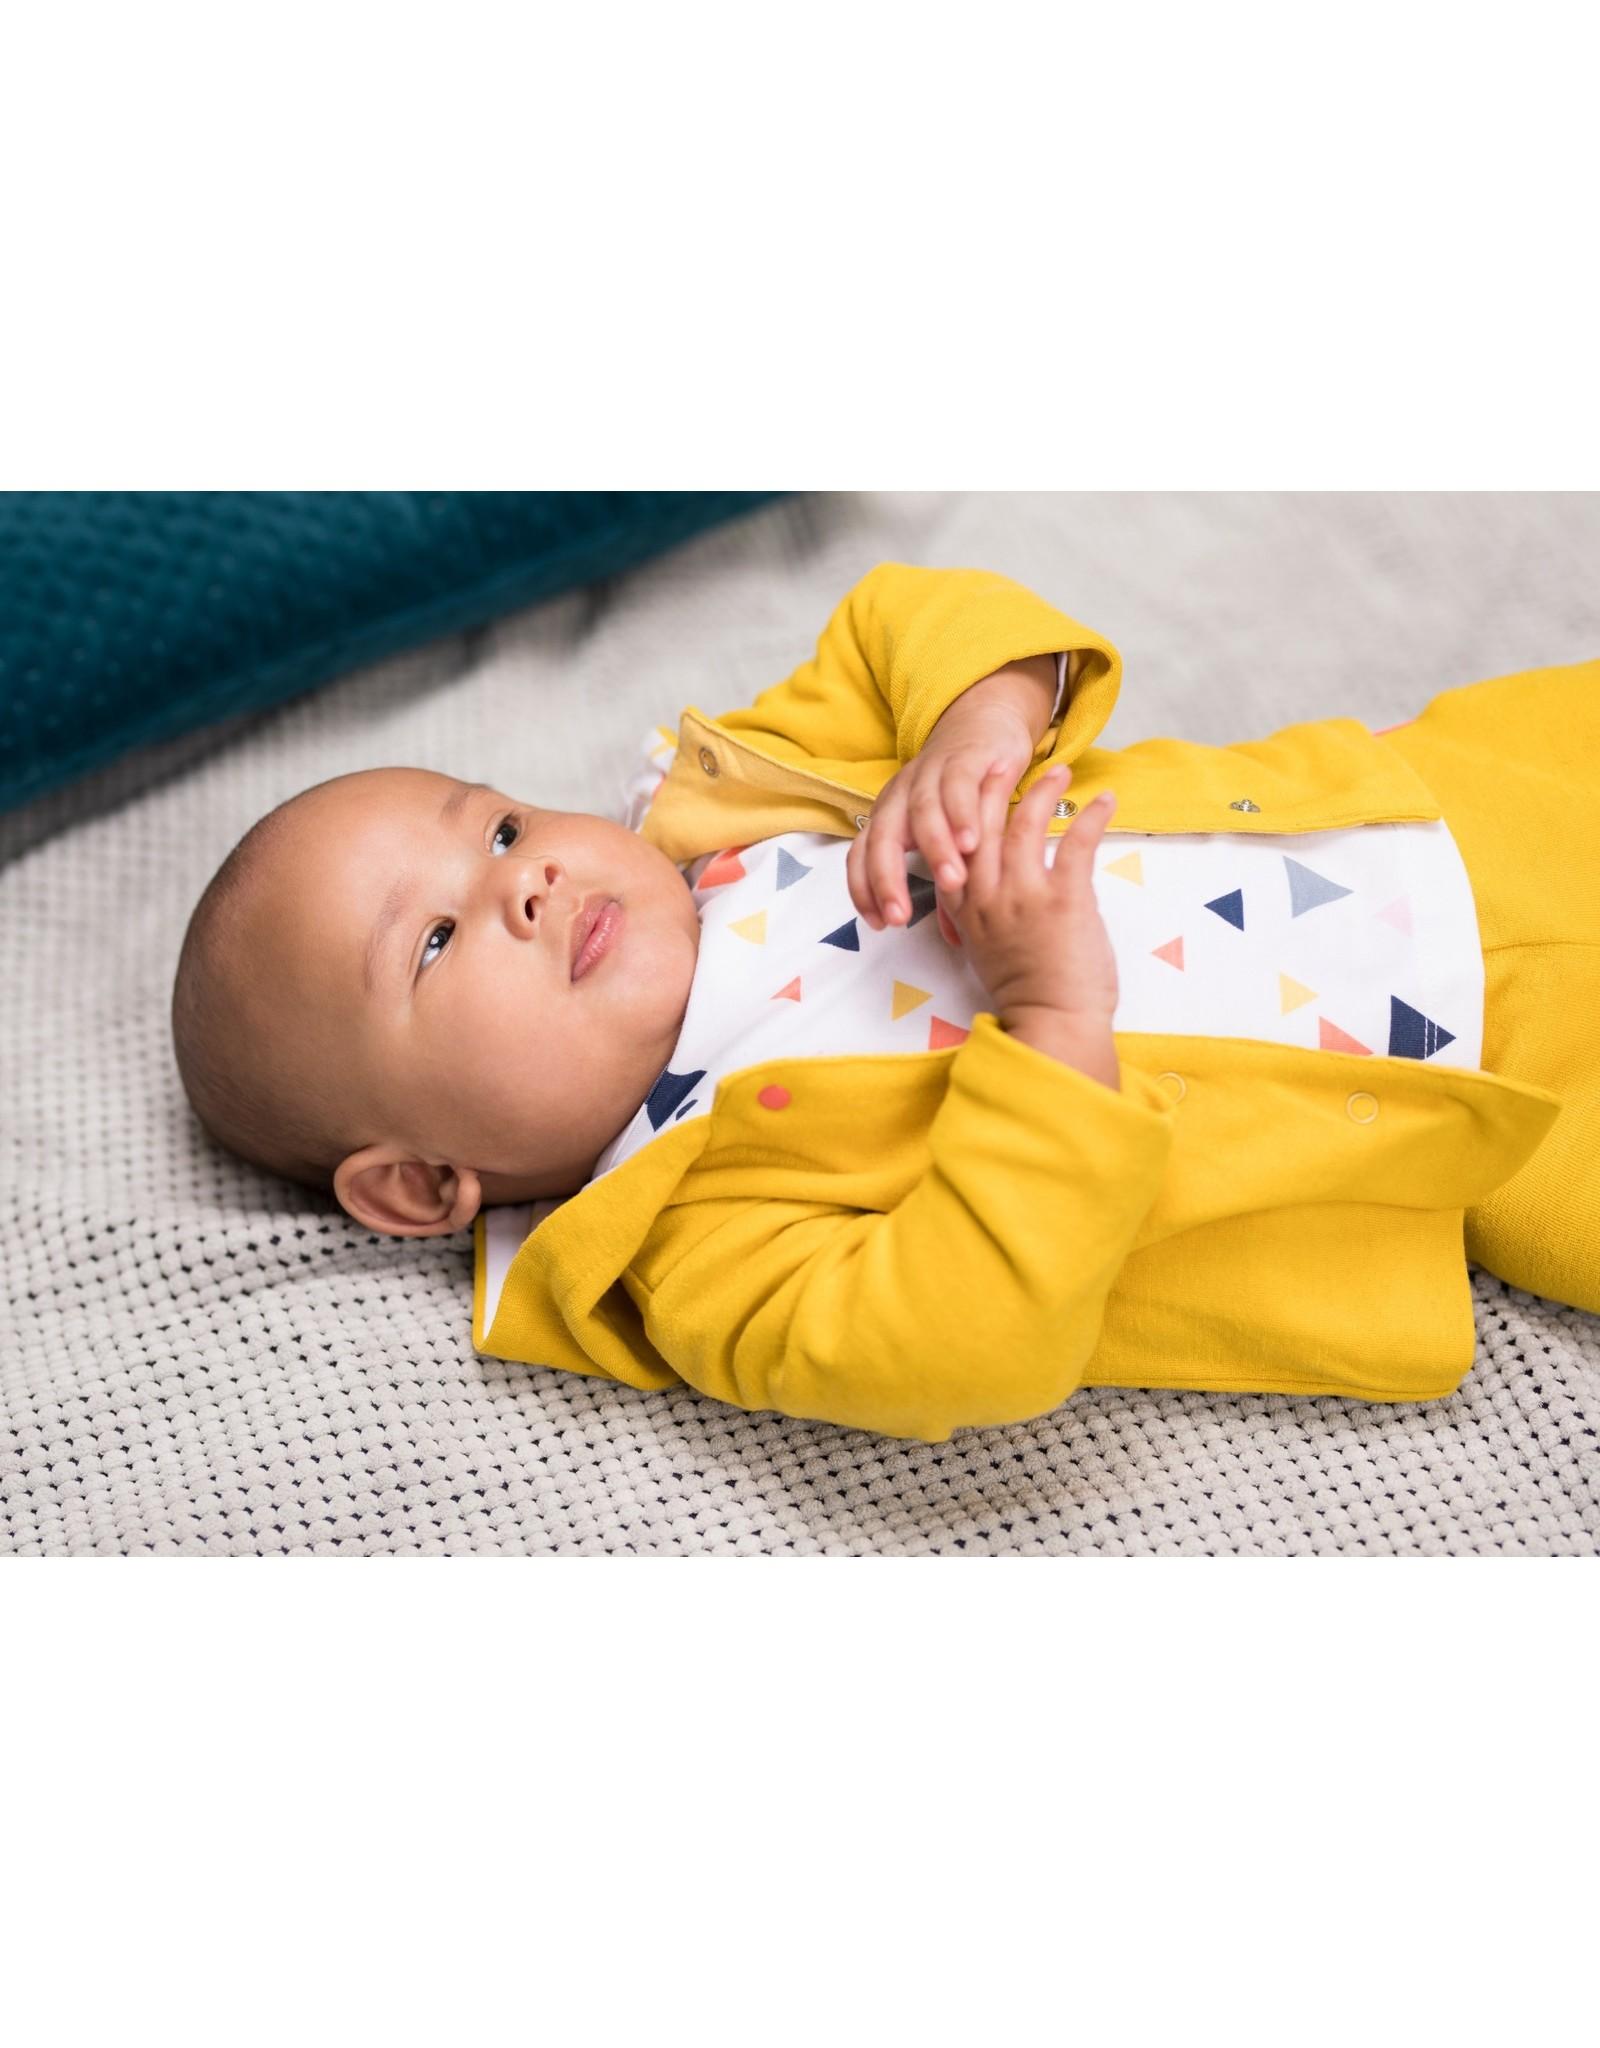 Bampidano Bampidano newborn neutraal vest Dani Yellow